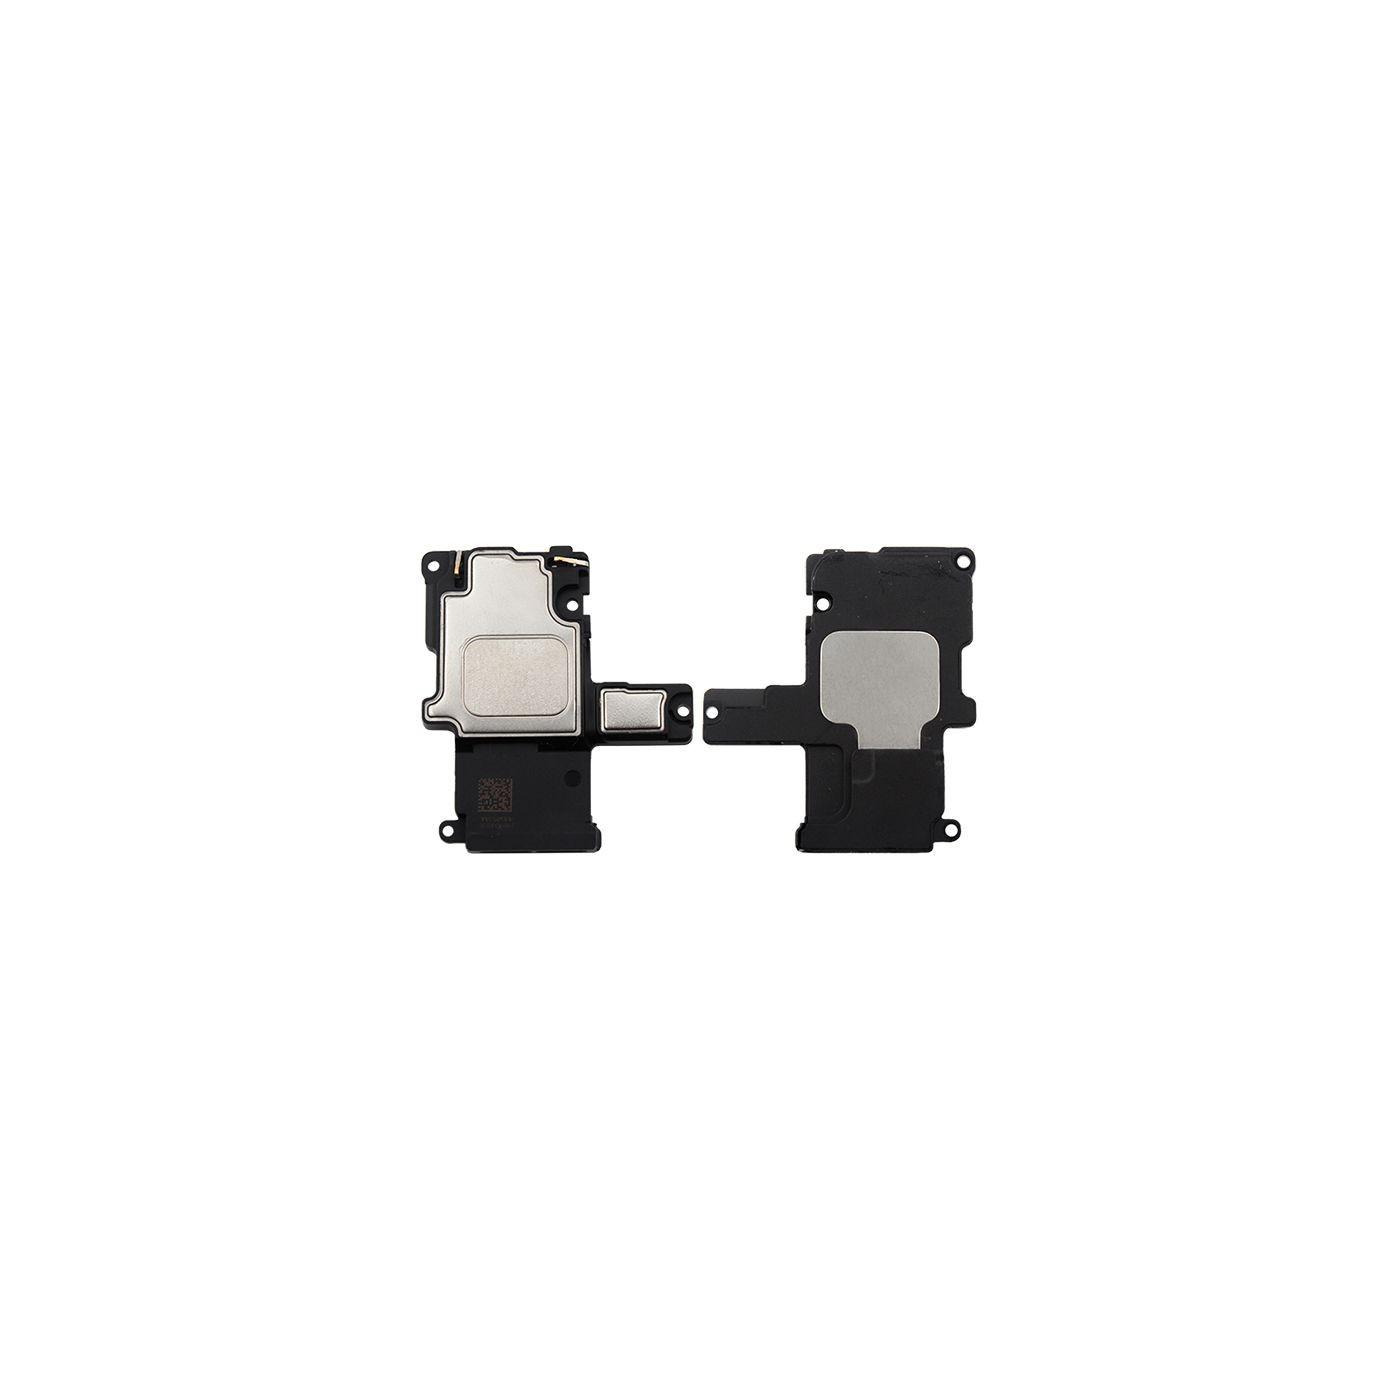 Zumbador del altavoz ruidoso Casos de altavoz del reemplazo de Iphone 6 más bajo